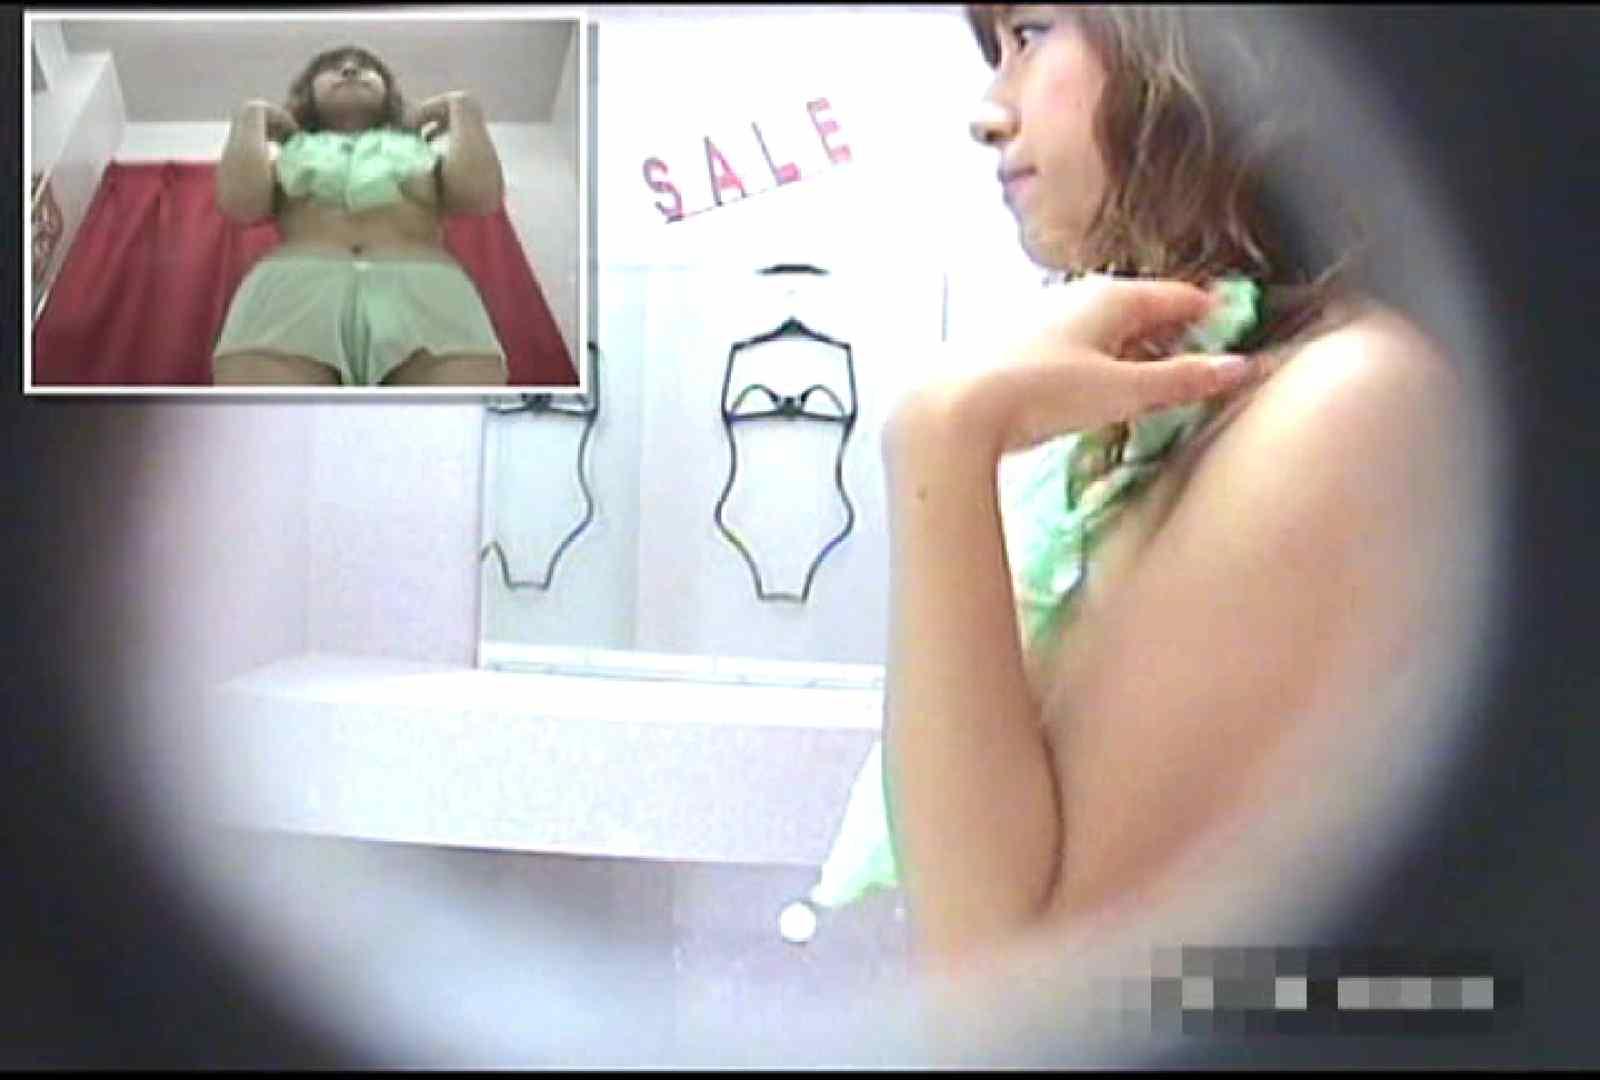 ショップ店長流出!!変態下着を買い漁る女達!Vol.8 エロティックなOL   着替え  97画像 15